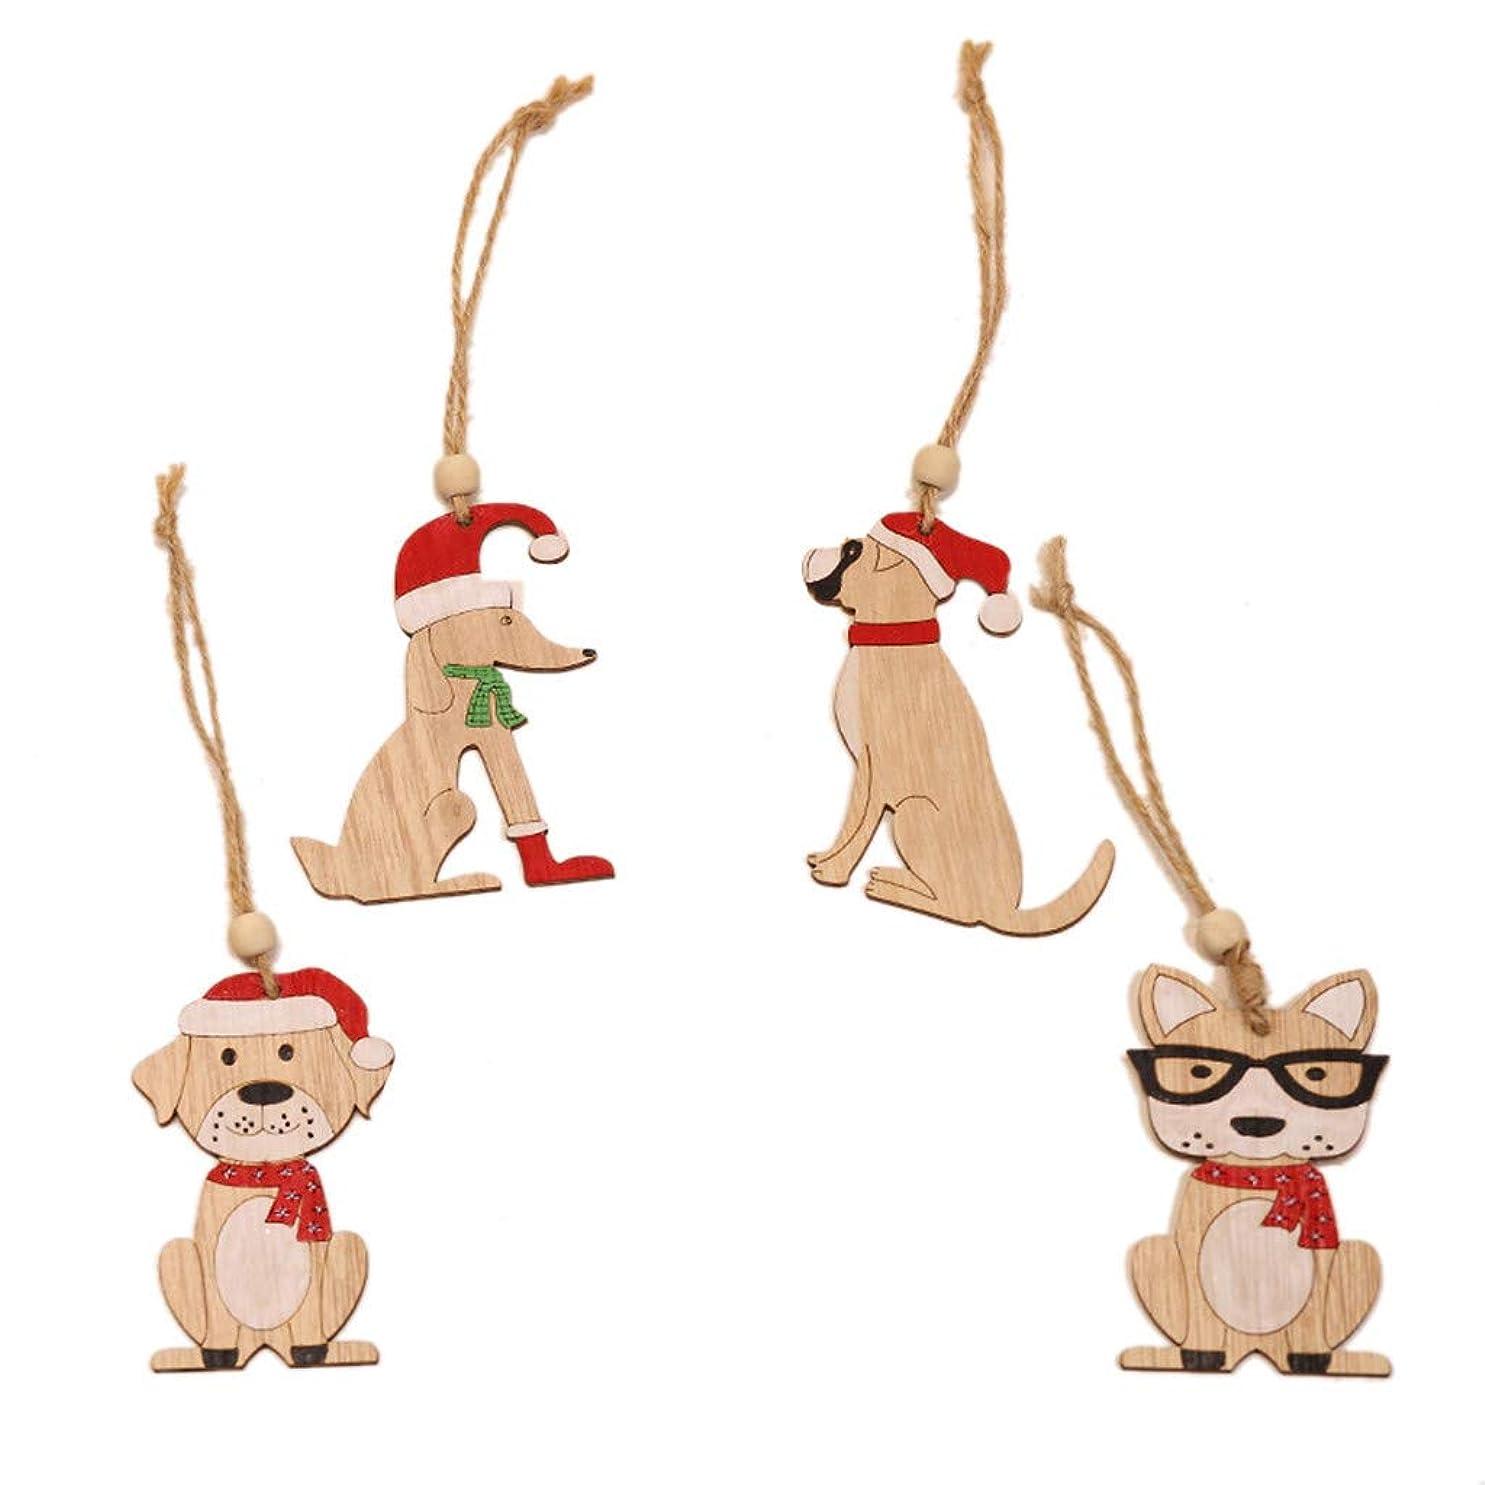 盟主艶シガレットHLosanyy 8ピース木製ぶら下げクリスマスツリーキャビンエルク車飾りクリスマスパーティー家の装飾